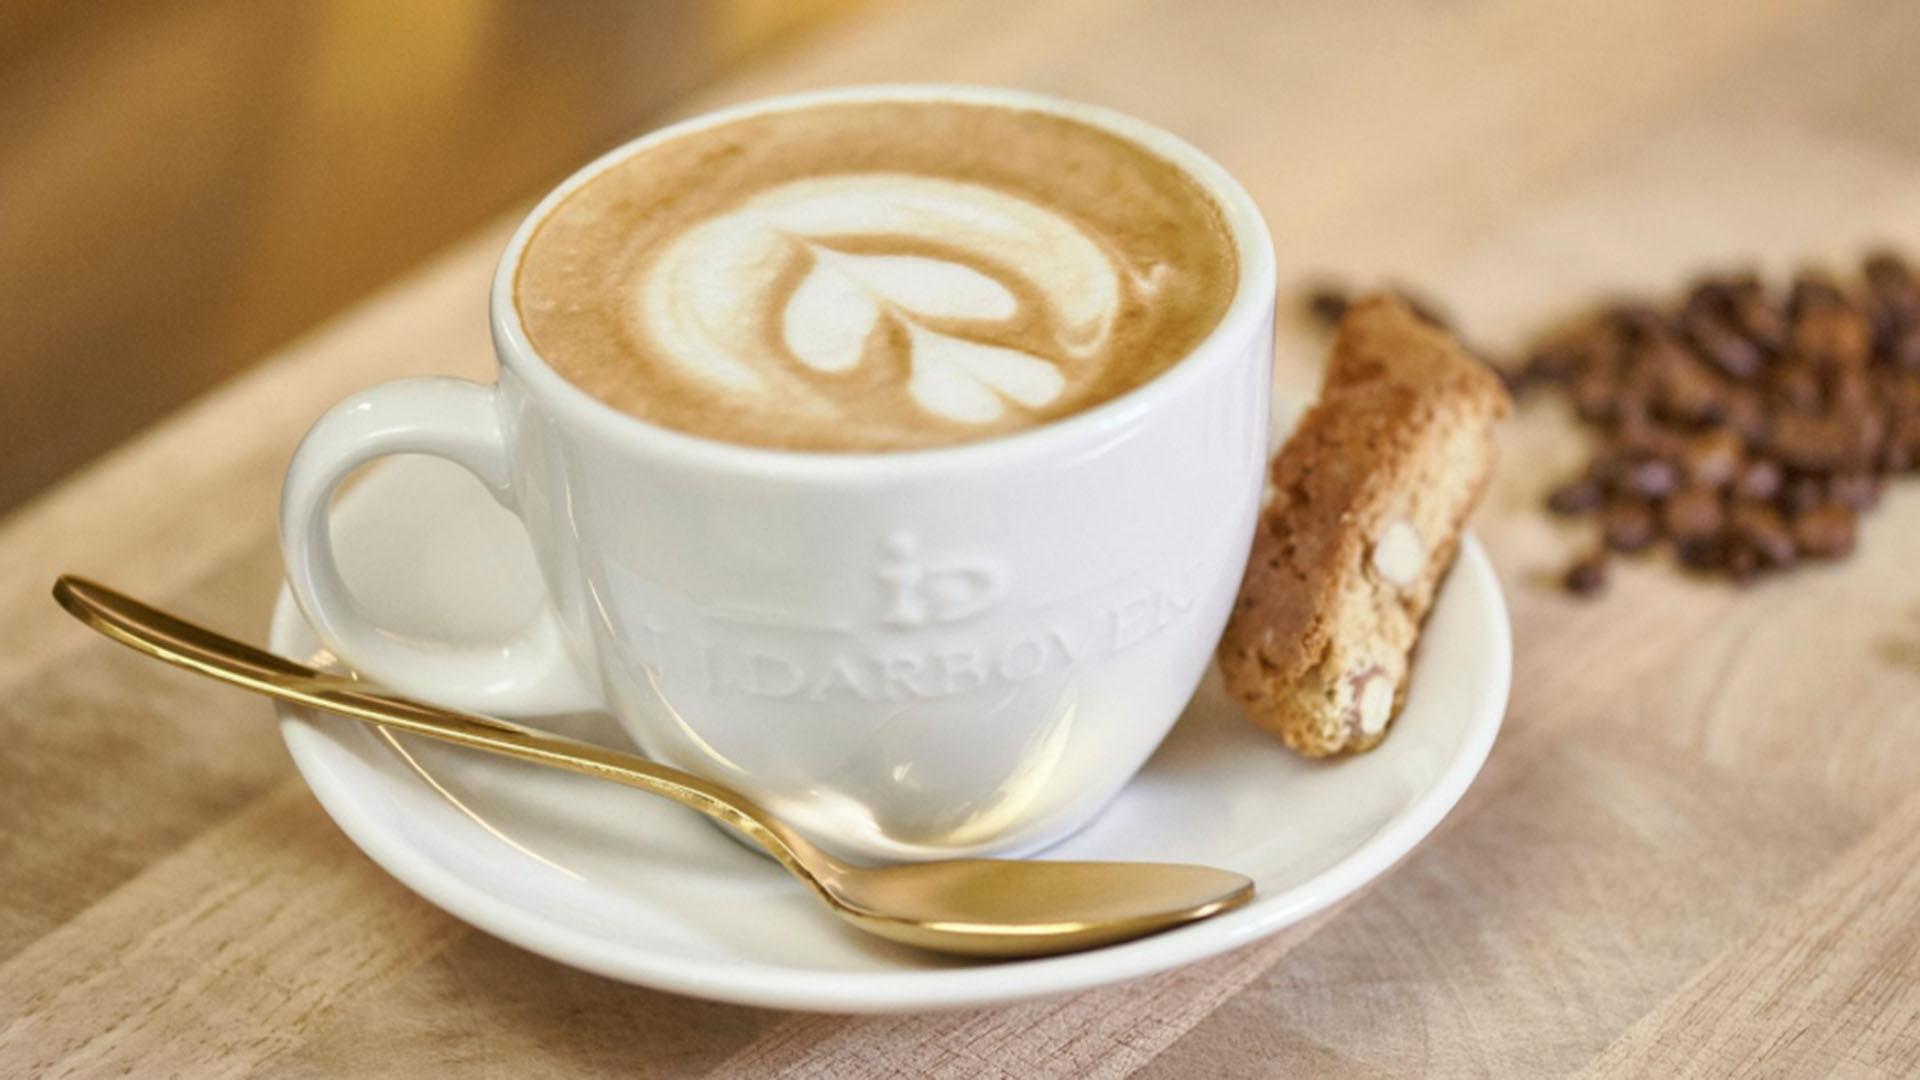 Kaffeespezialitäten von Darboven